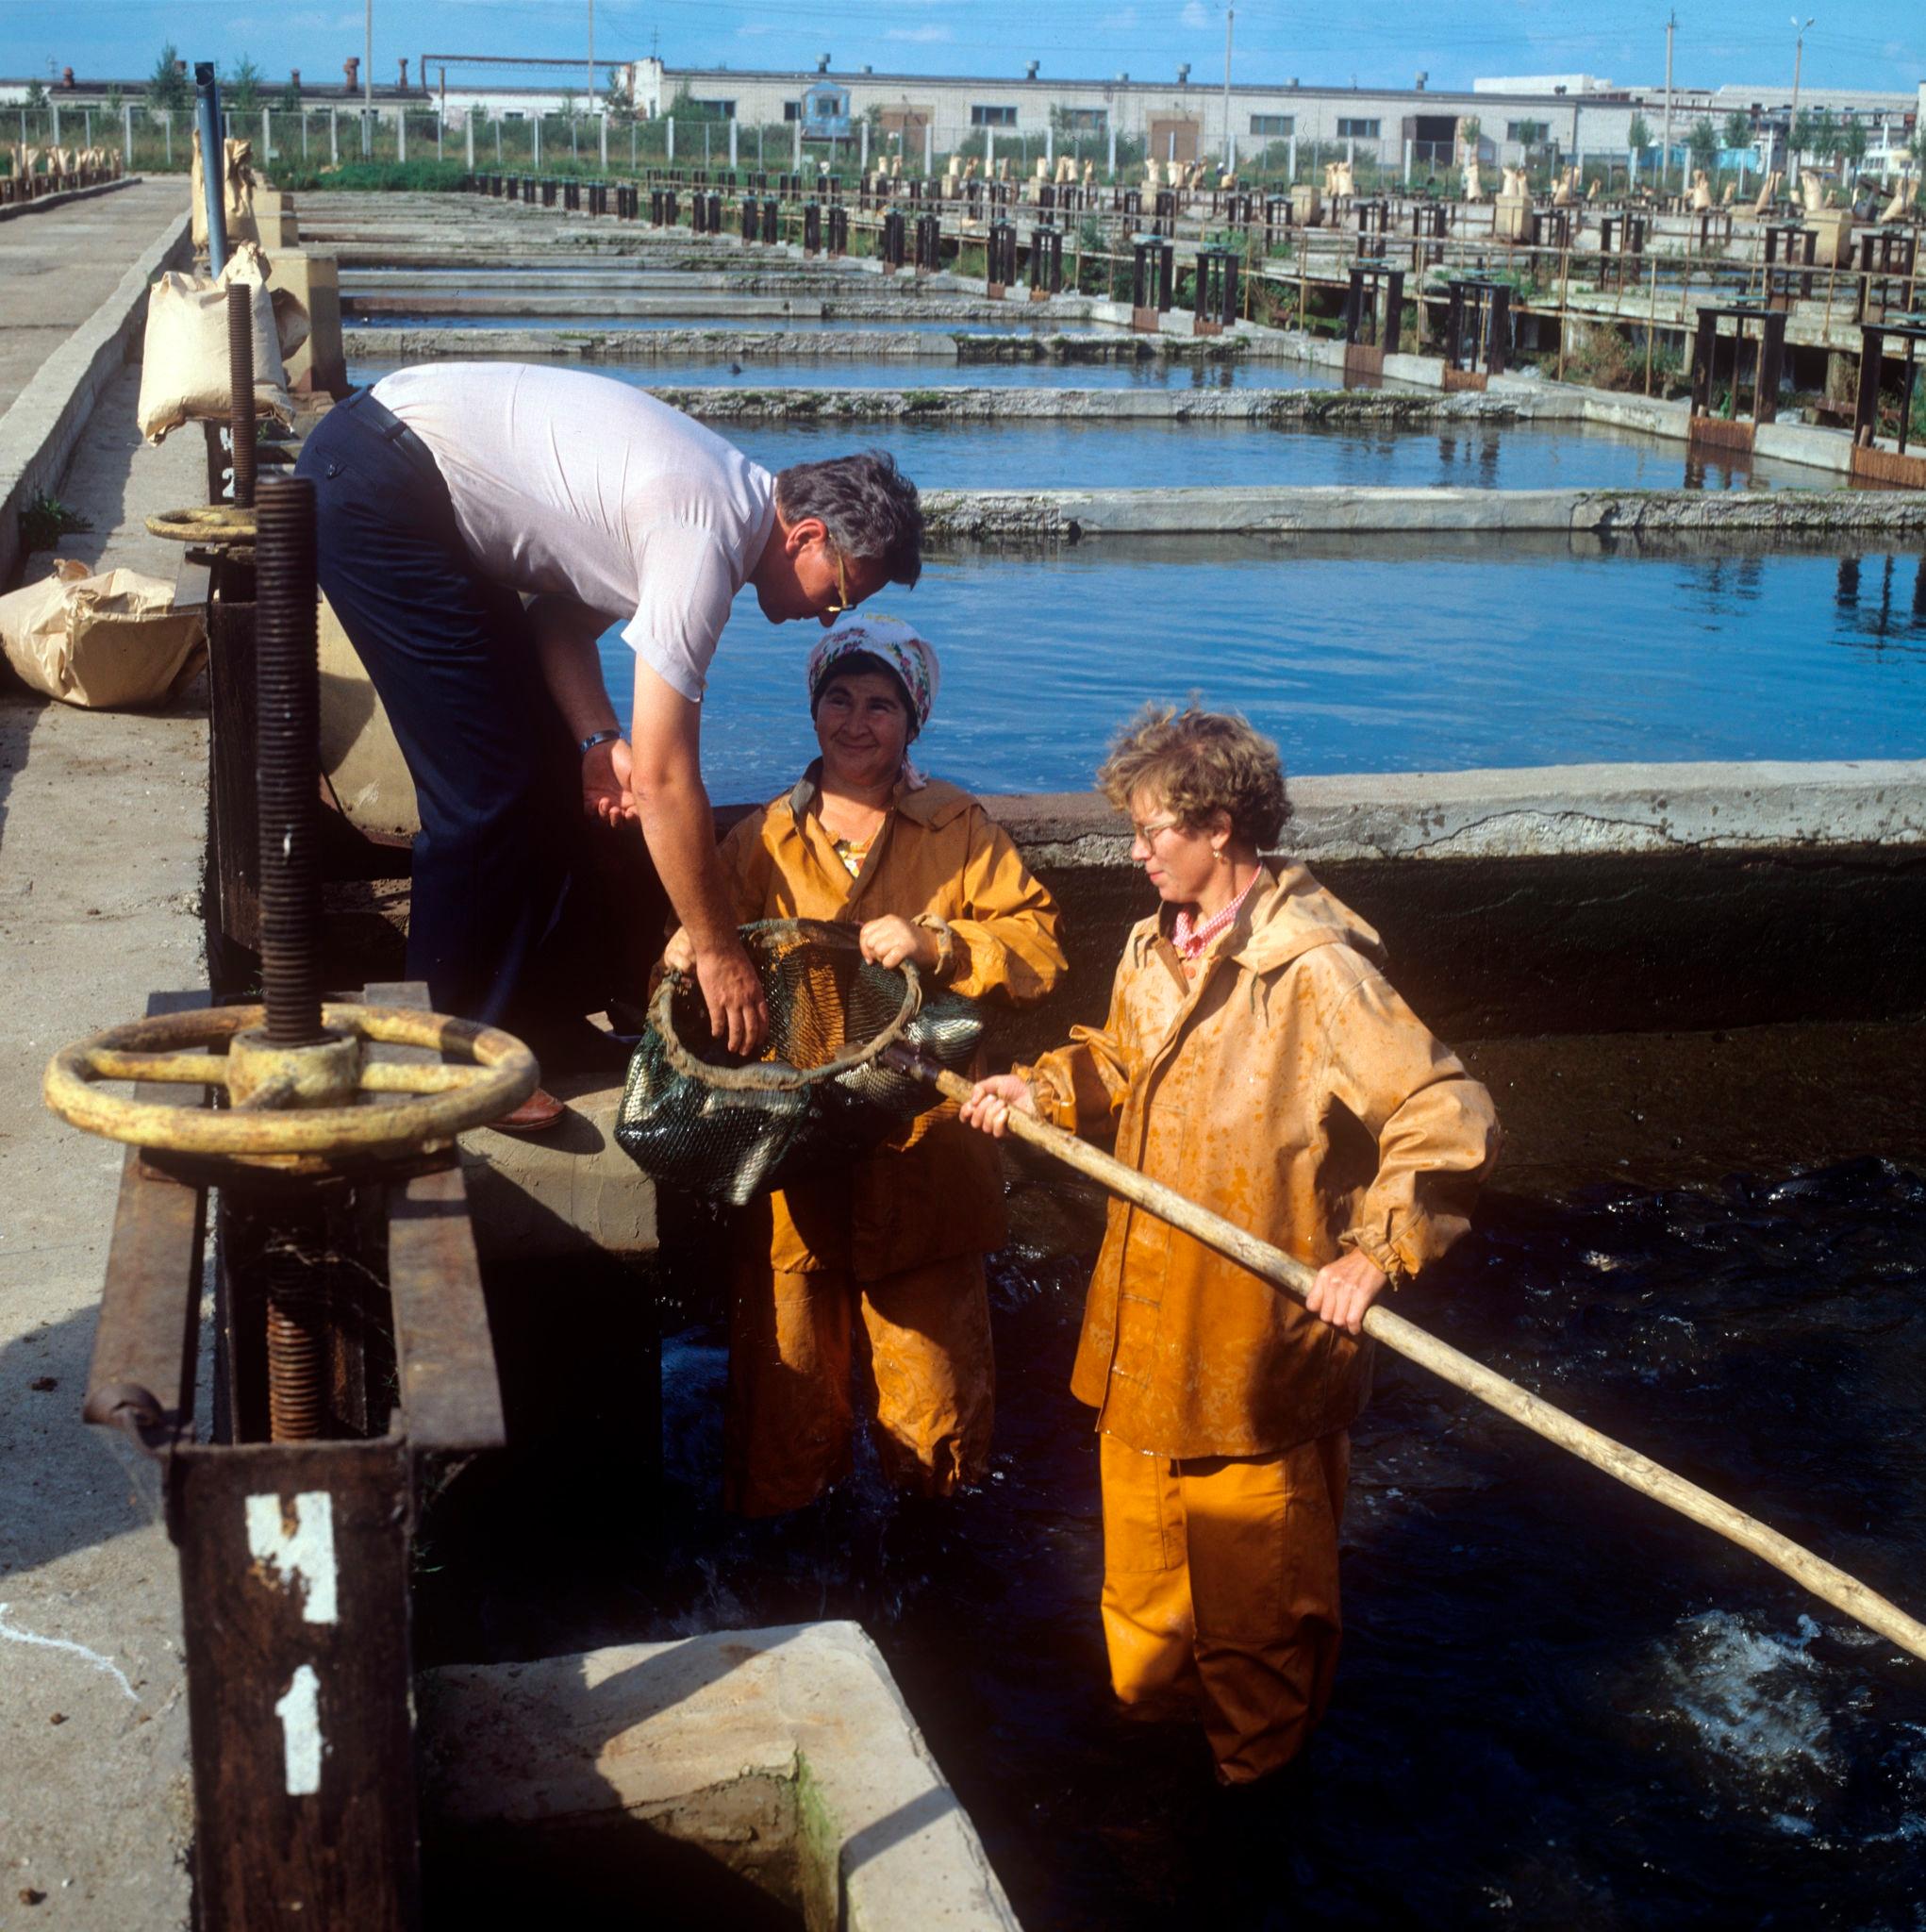 Большеченское рыбозаводное хозяйство использует воду ТЭЦ, здесь выращивают карпа, форель, осетра